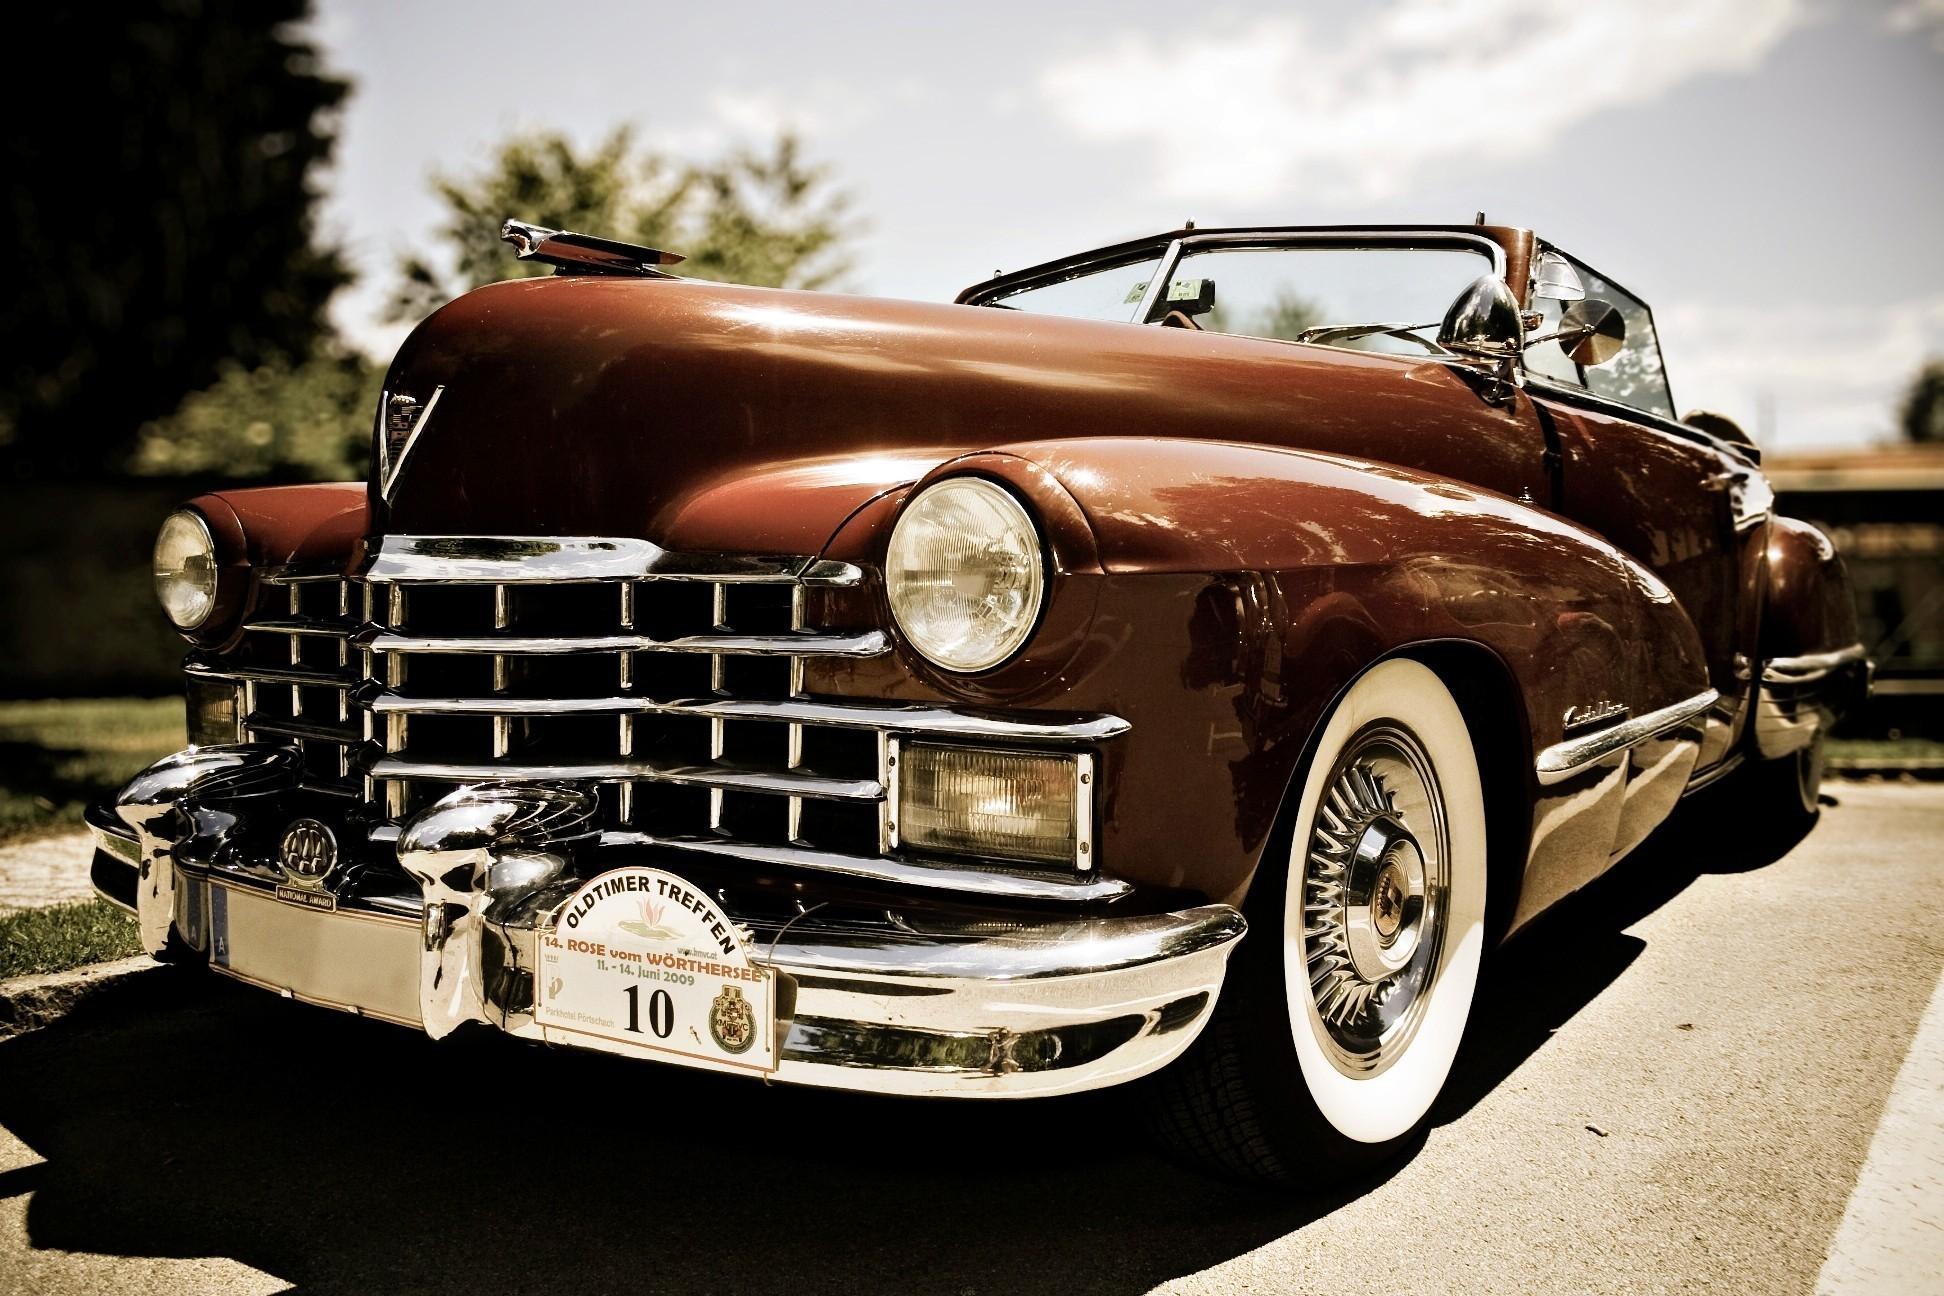 Res: 1944x1296, Oldtimer vintage car wallpaper